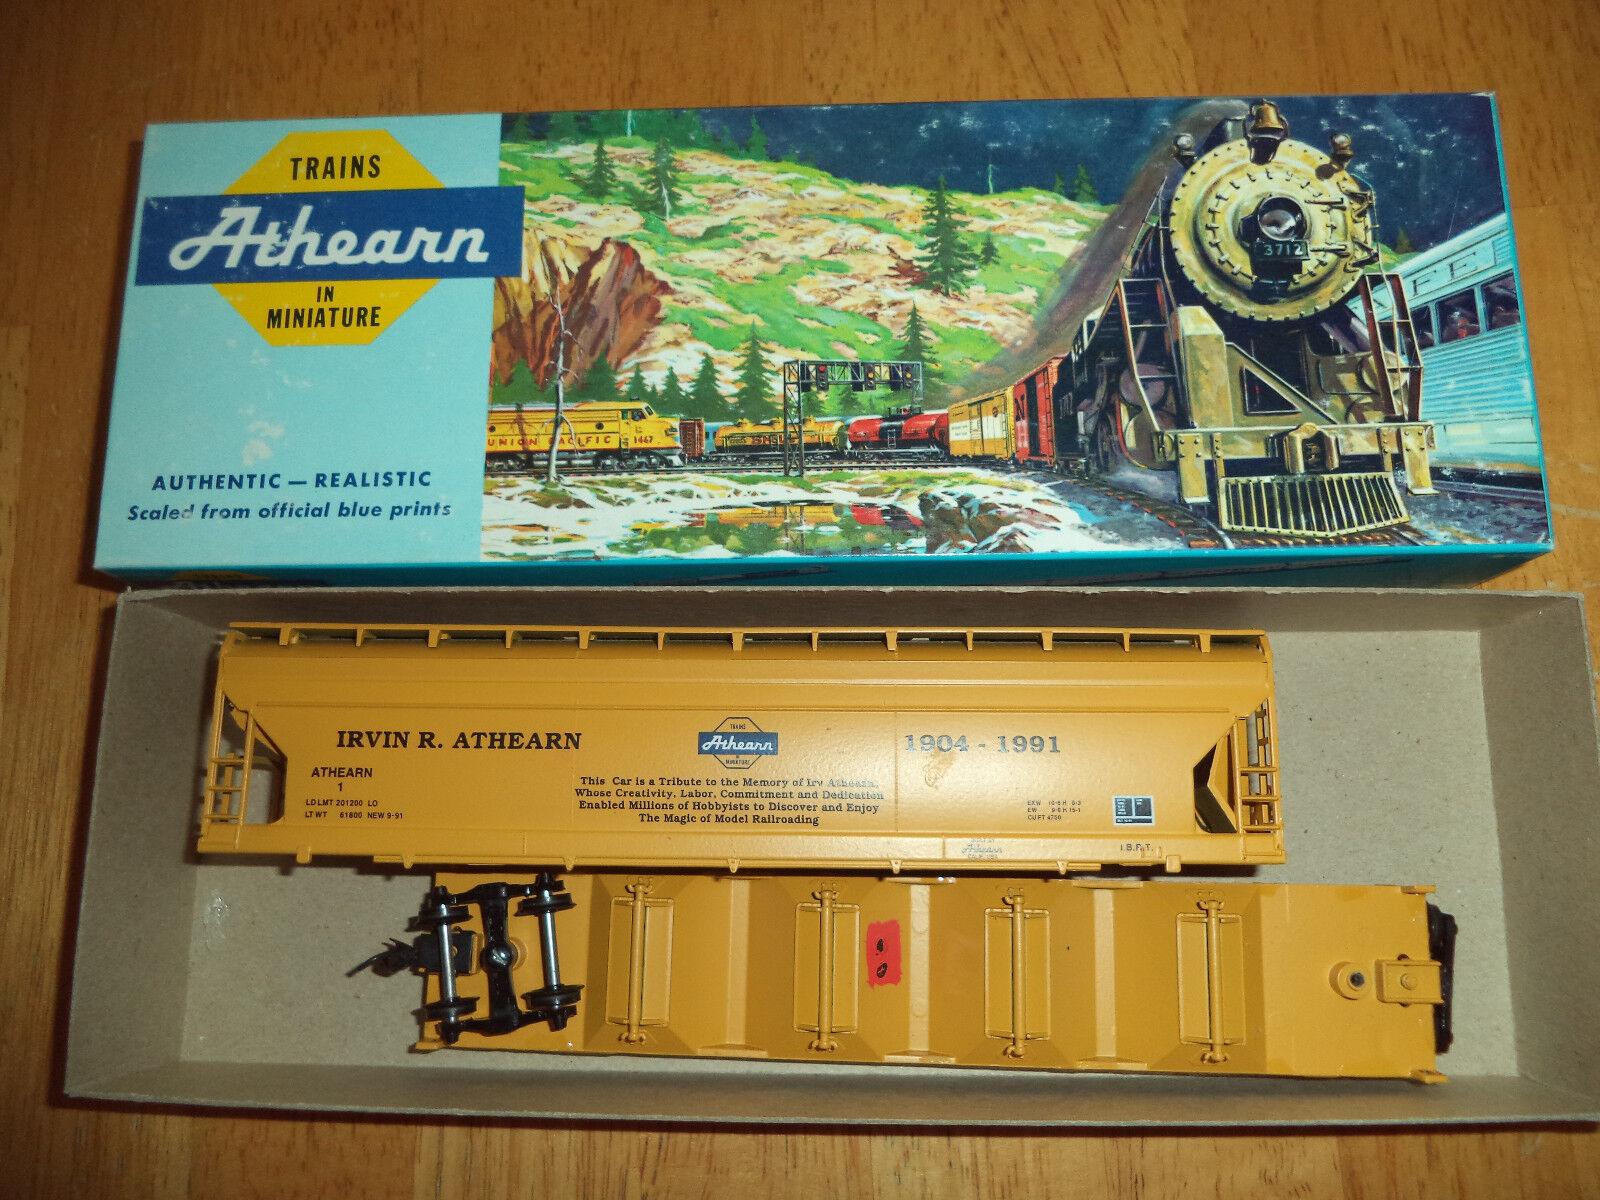 Irvin R. Athearn Memorial Car 55' Center Flow Hopper HO Scale Train Hobby Model